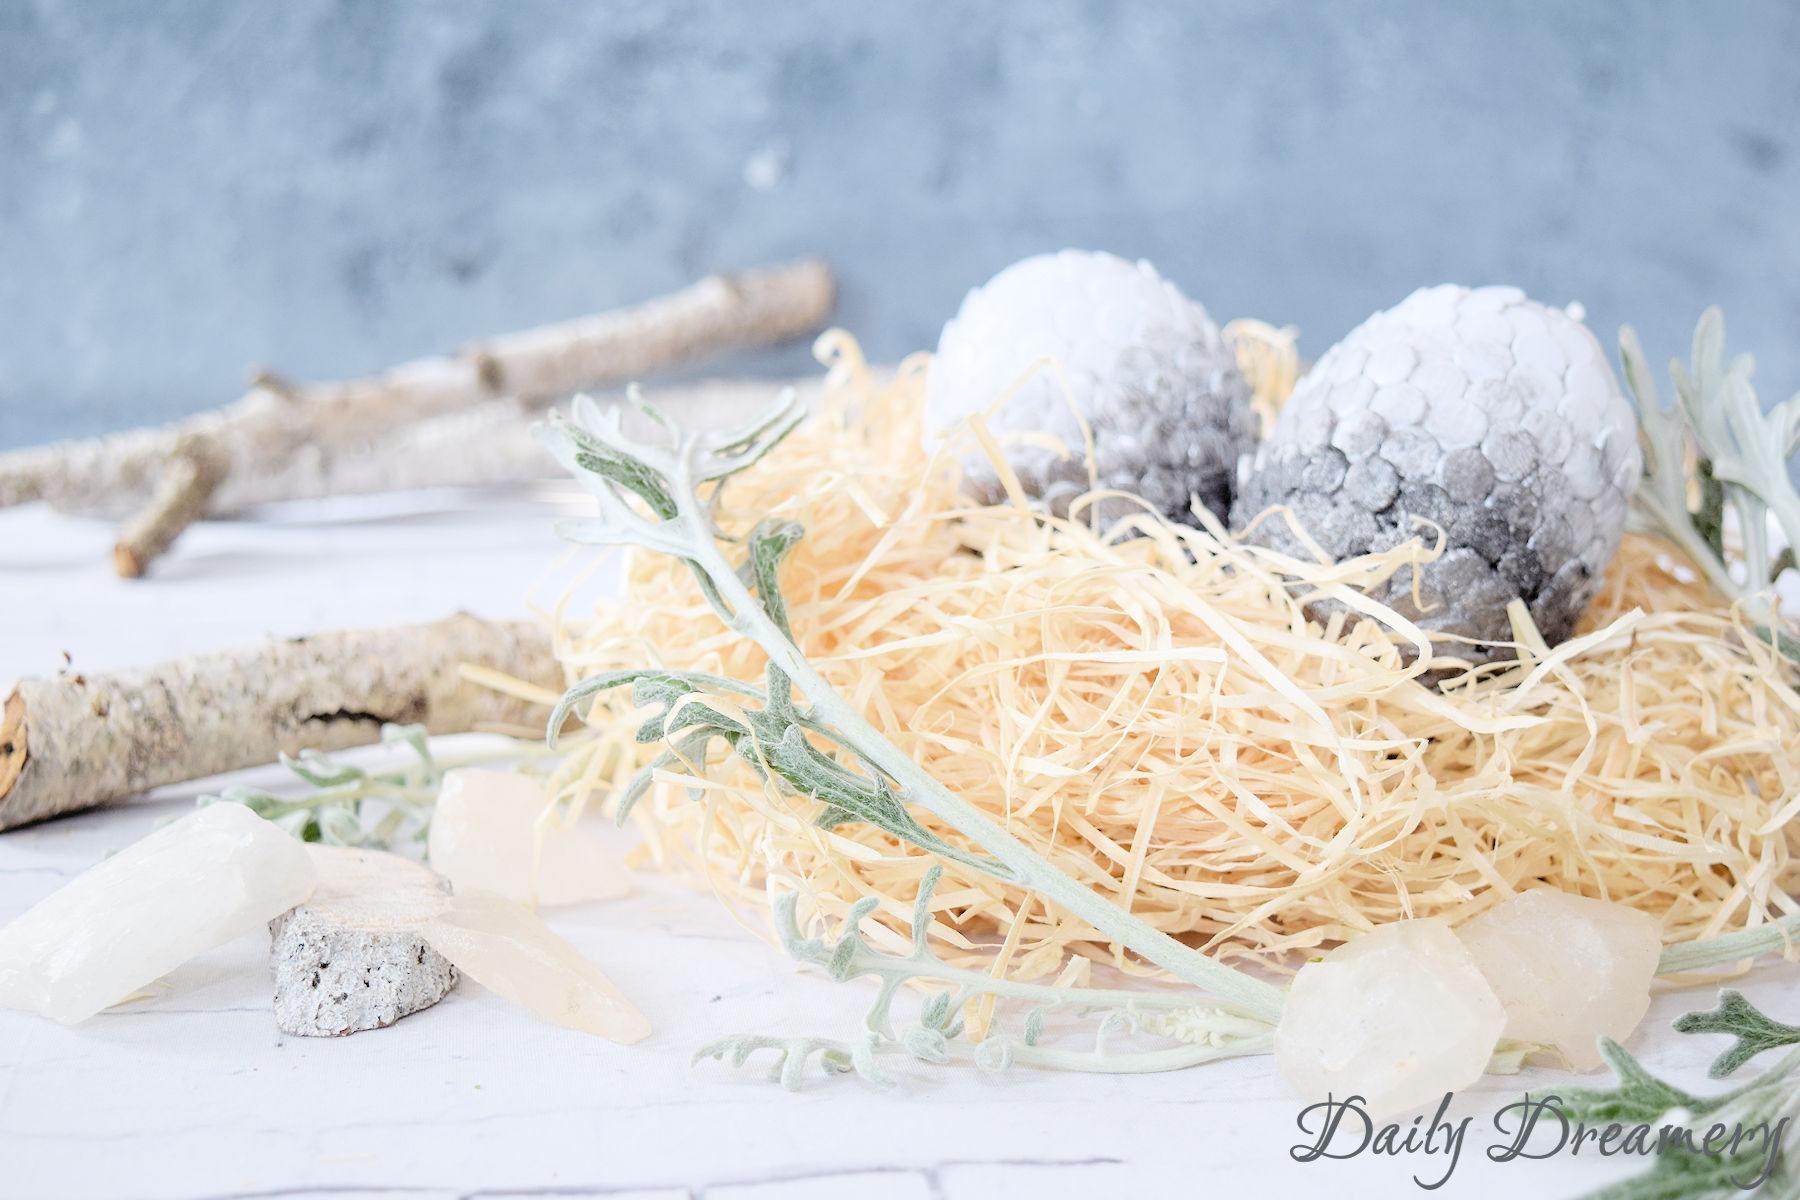 Dracheneier ganz easy selber machen - eine spannende Abwechslung zu klassischen Ostereiern, nicht nur für GoT-Fans #ostern #diy #got